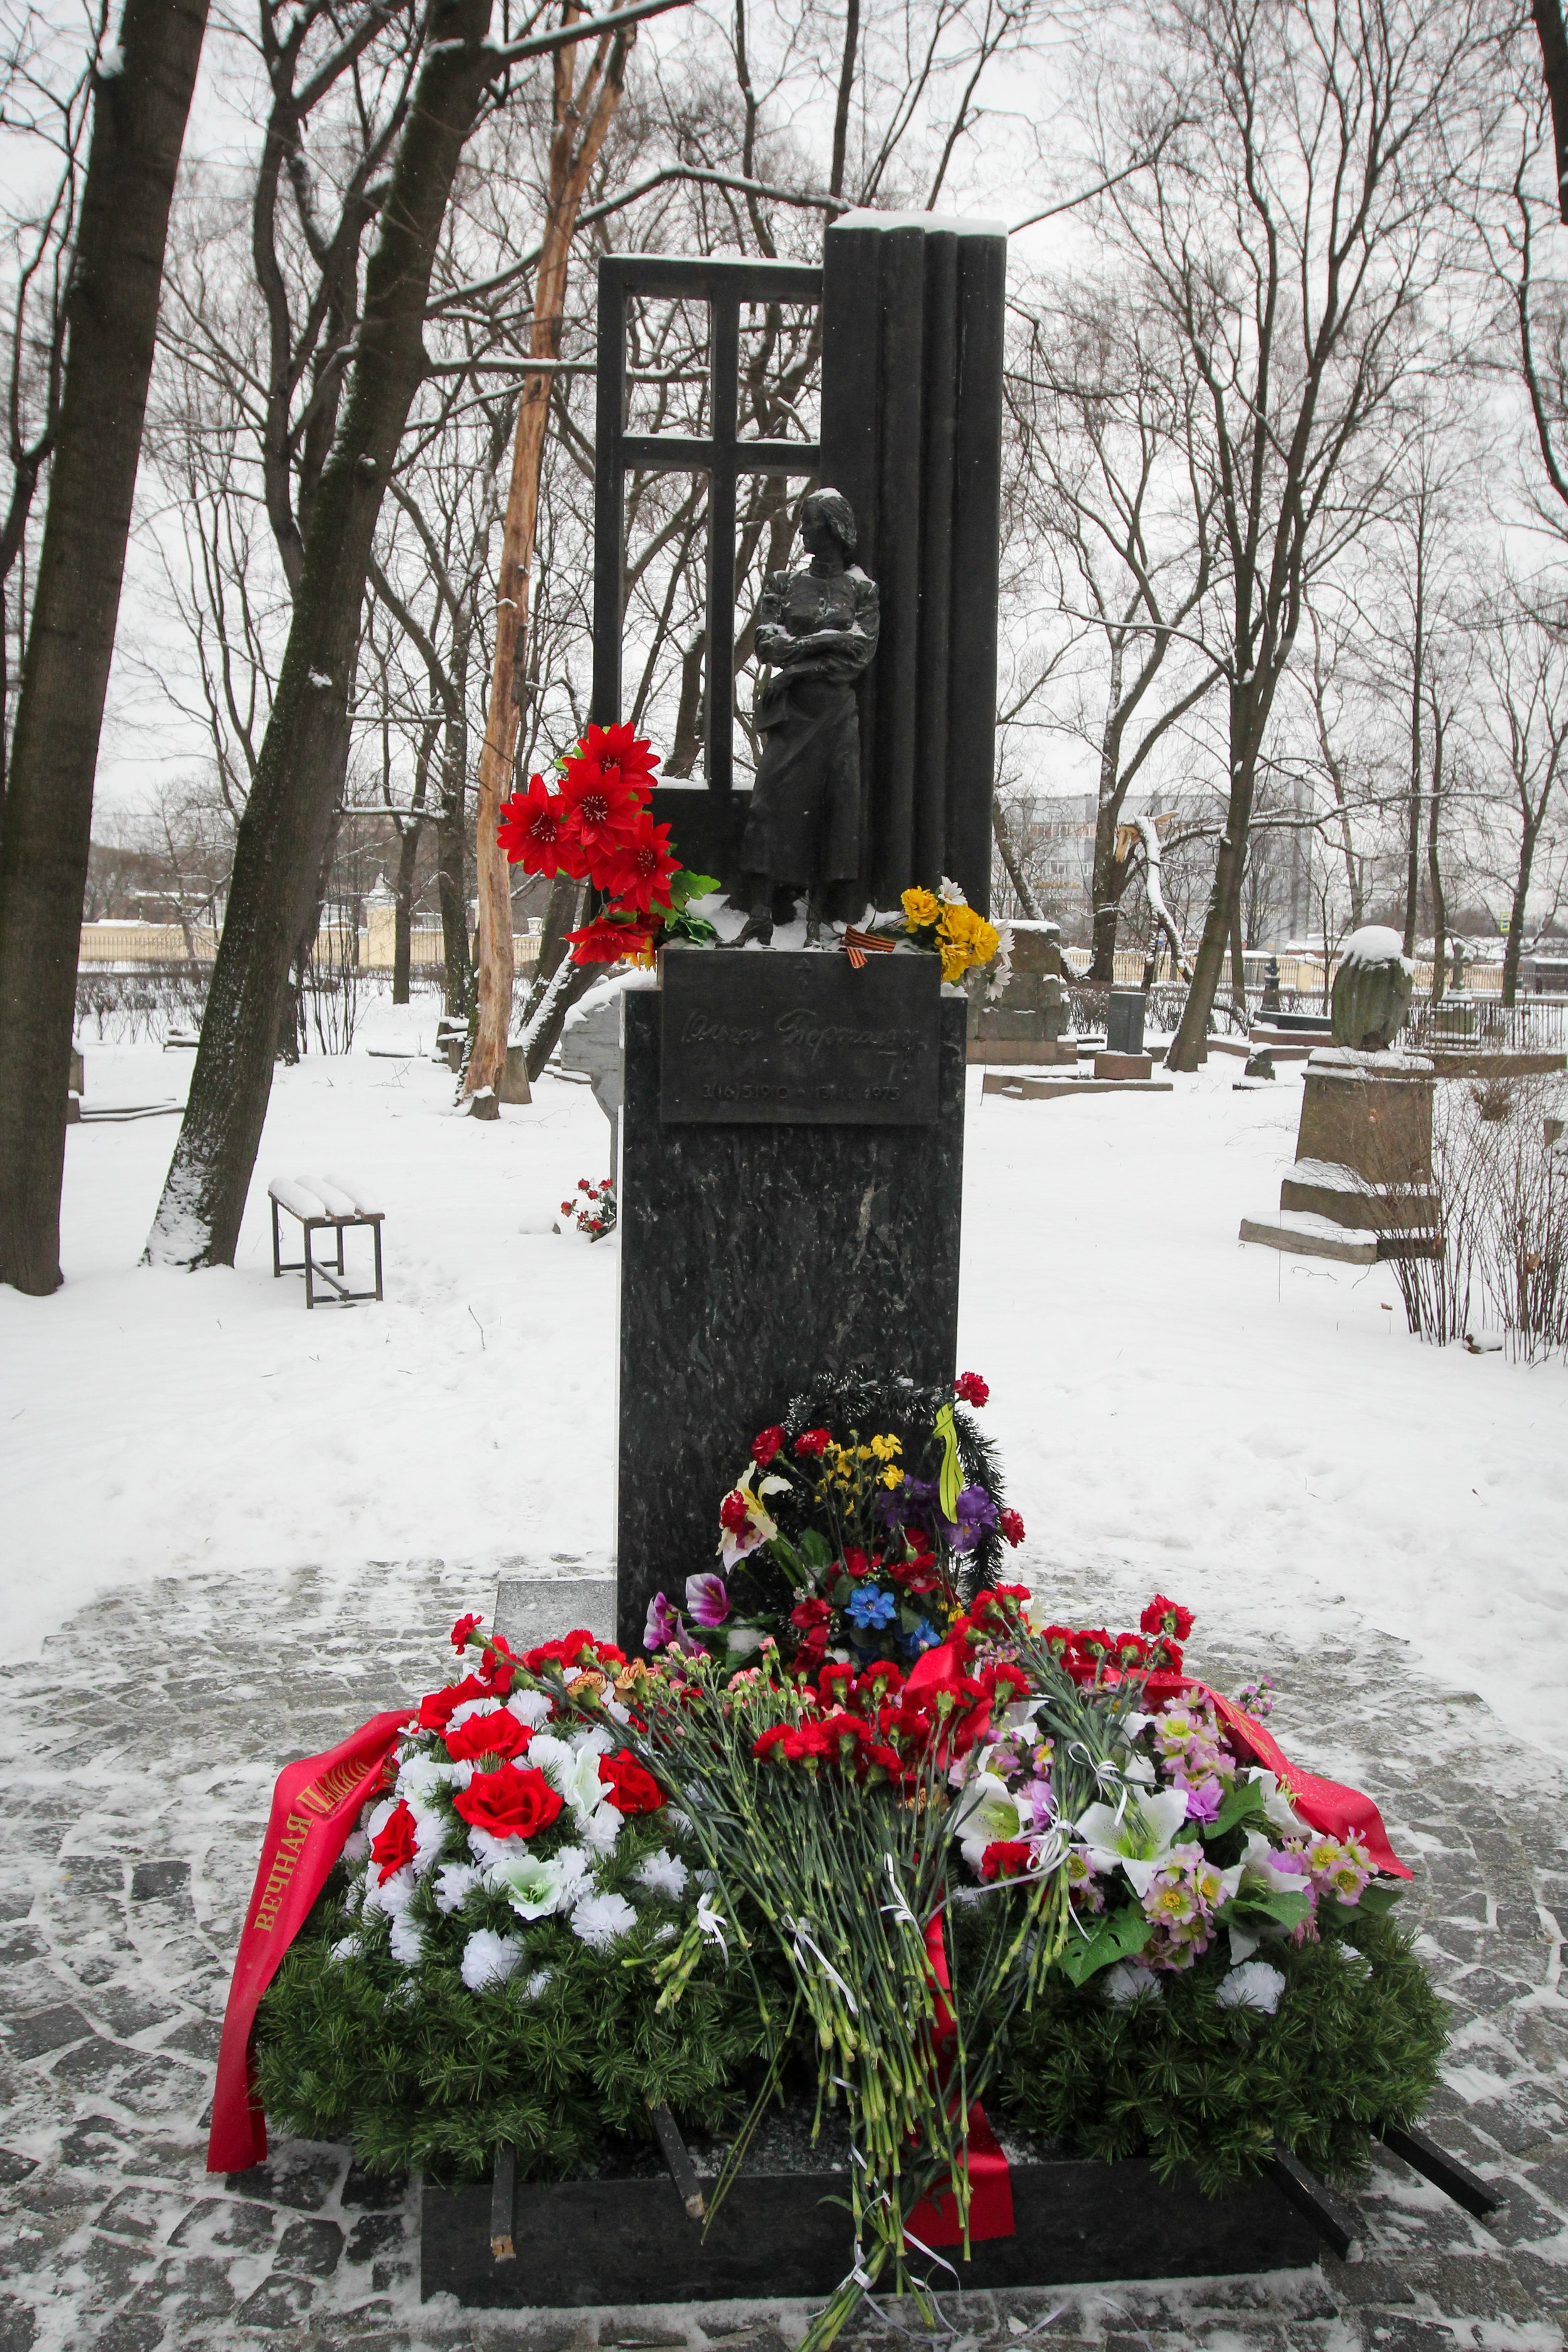 Berggolts' graf op de Volkovo begraafplaats in Sint-Petersburg